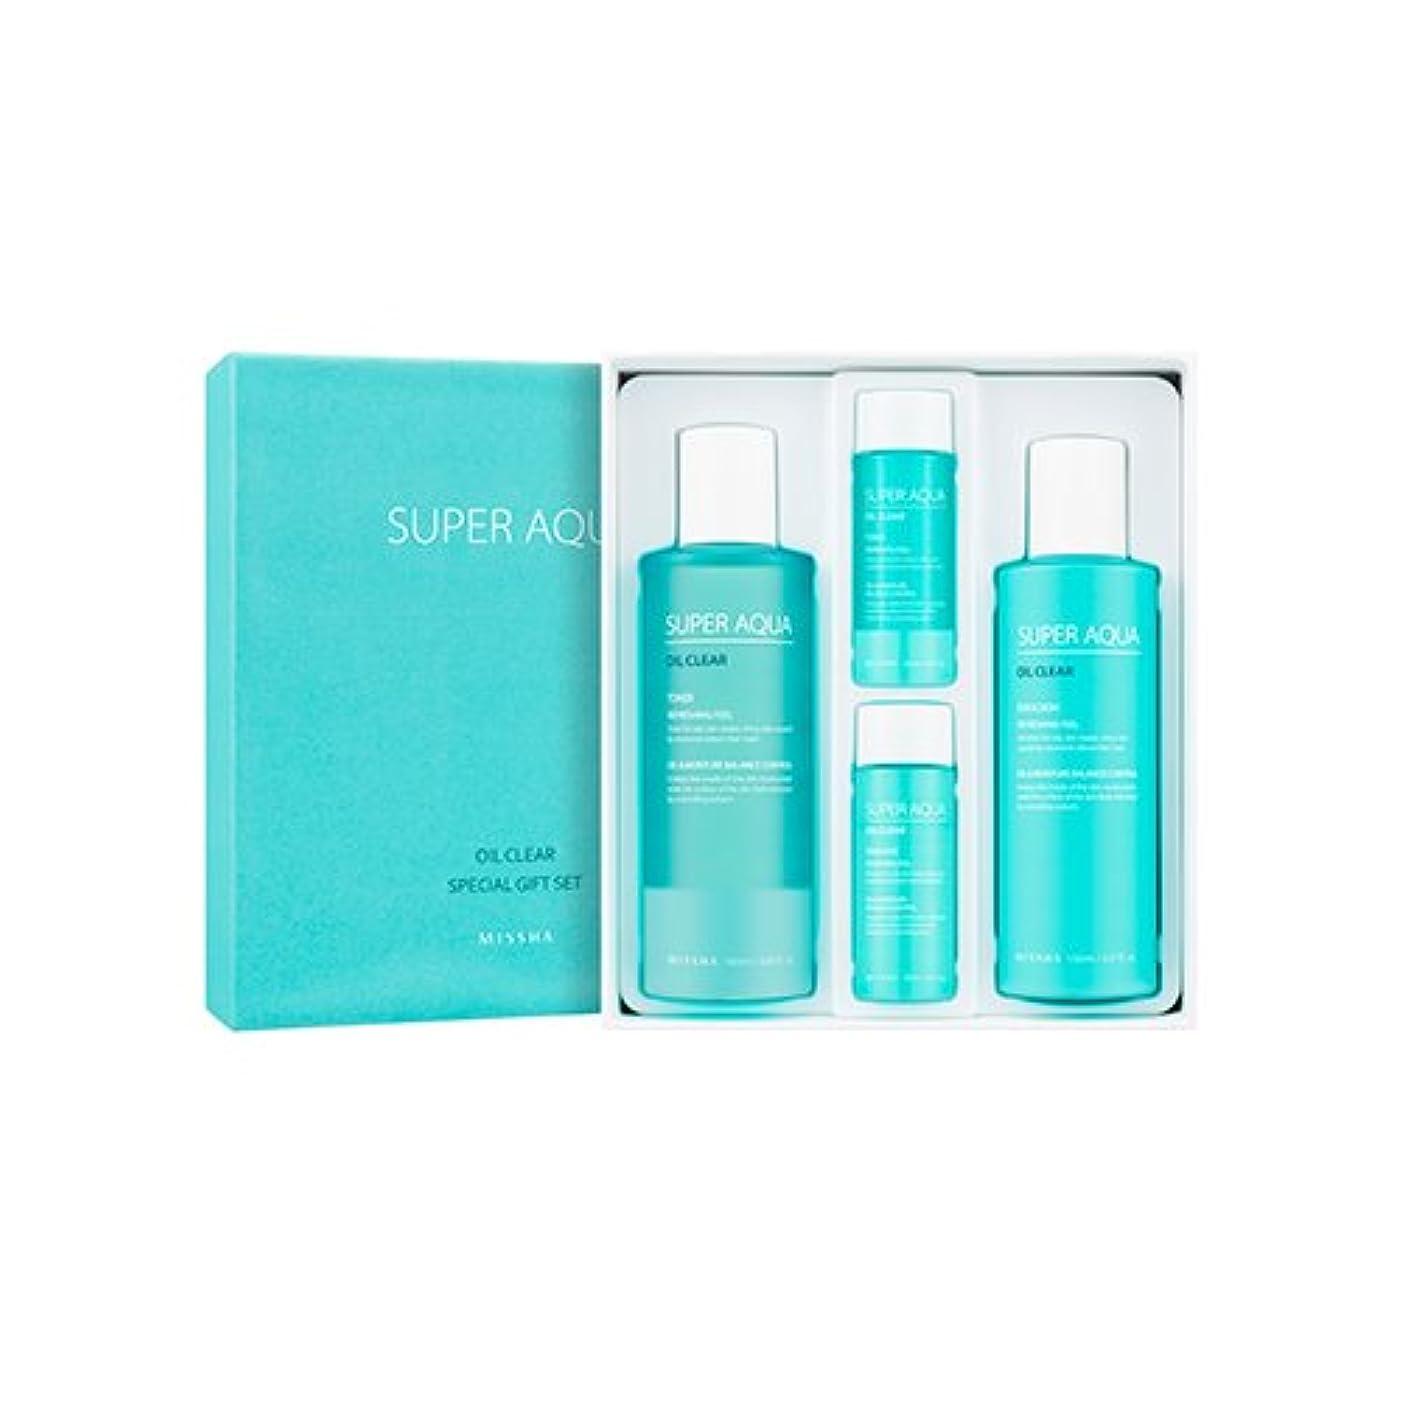 ラッシュ雪だるまを作る頑固なMISSHA Super Aqua Oil Clear Special Gift Set/ミシャ スーパーアクアオイルクリアスペシャルギフトセット [並行輸入品]